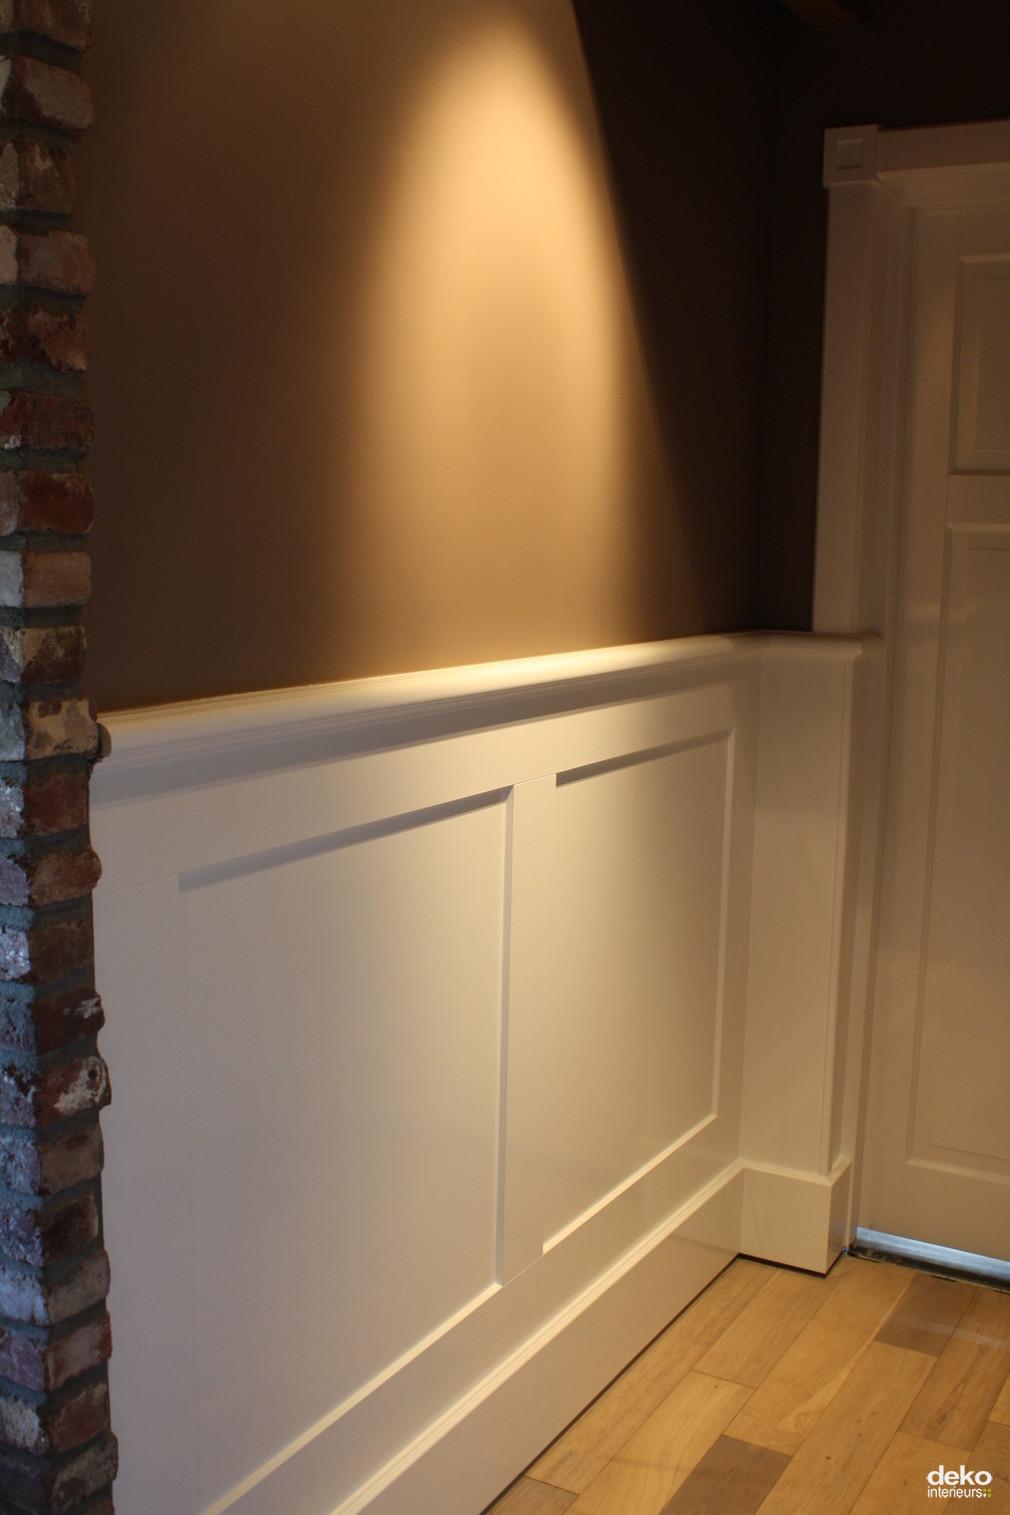 Lambrisering in combinatie met architraven maatwerk interieurbouw van deko - Gang wit en grijs ...